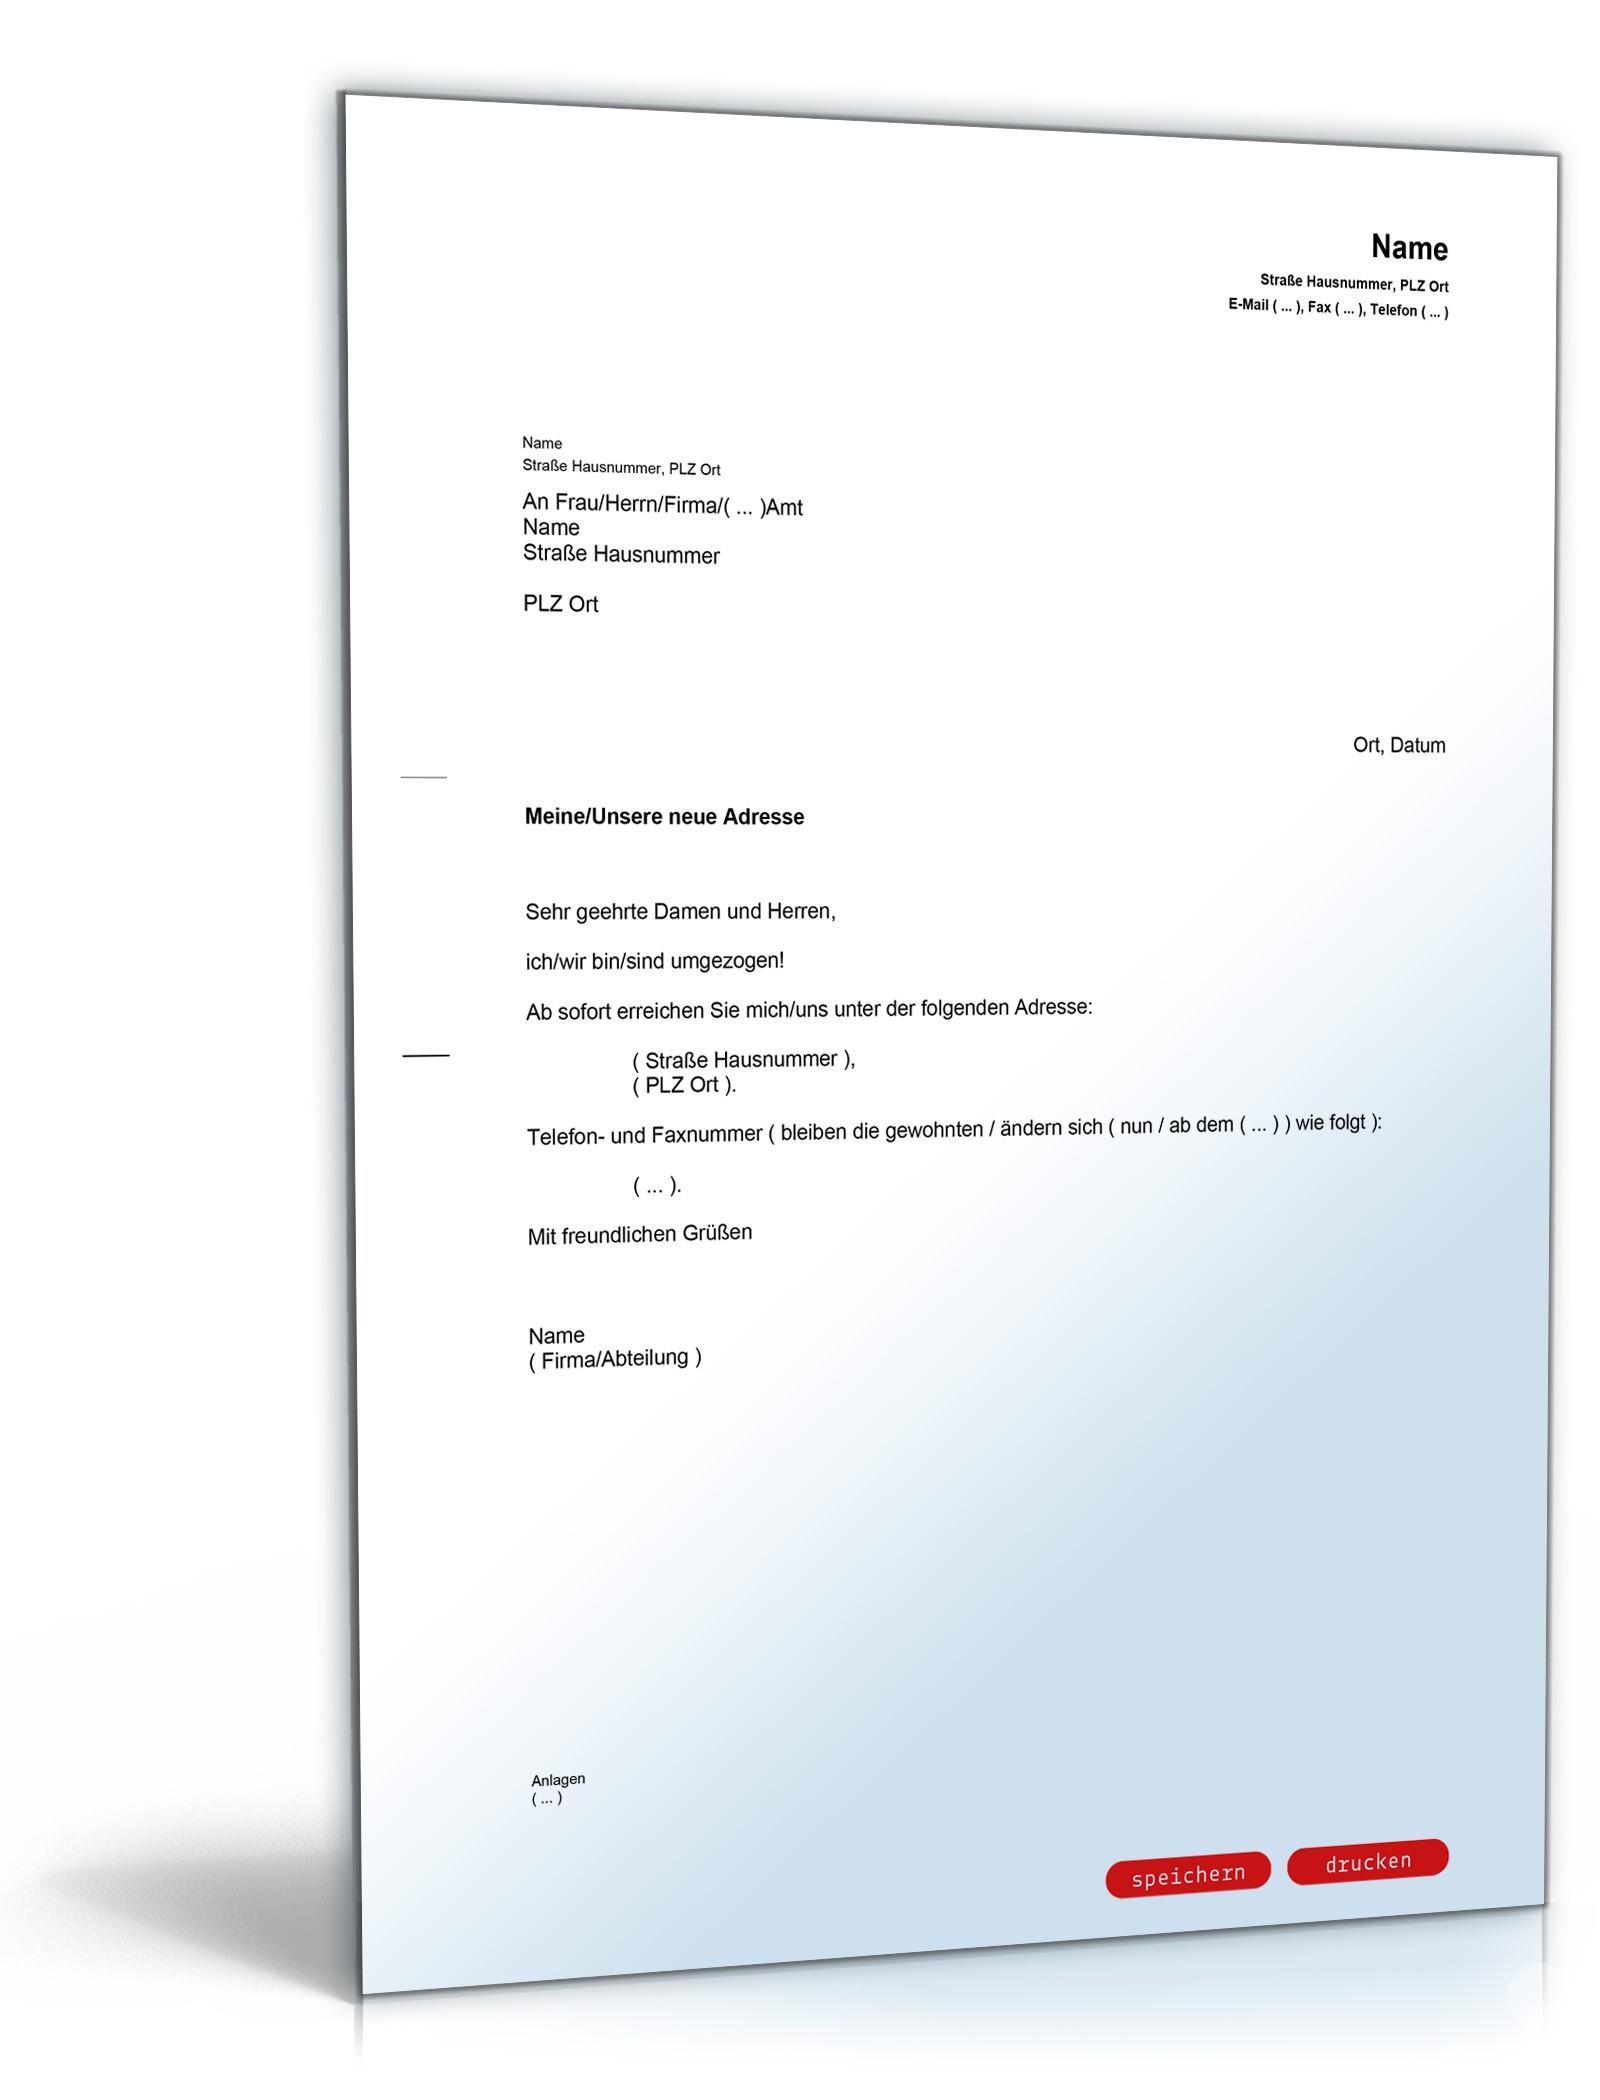 Mitteilung änderung Bisheriger Anschrift Vorlage Zum Download